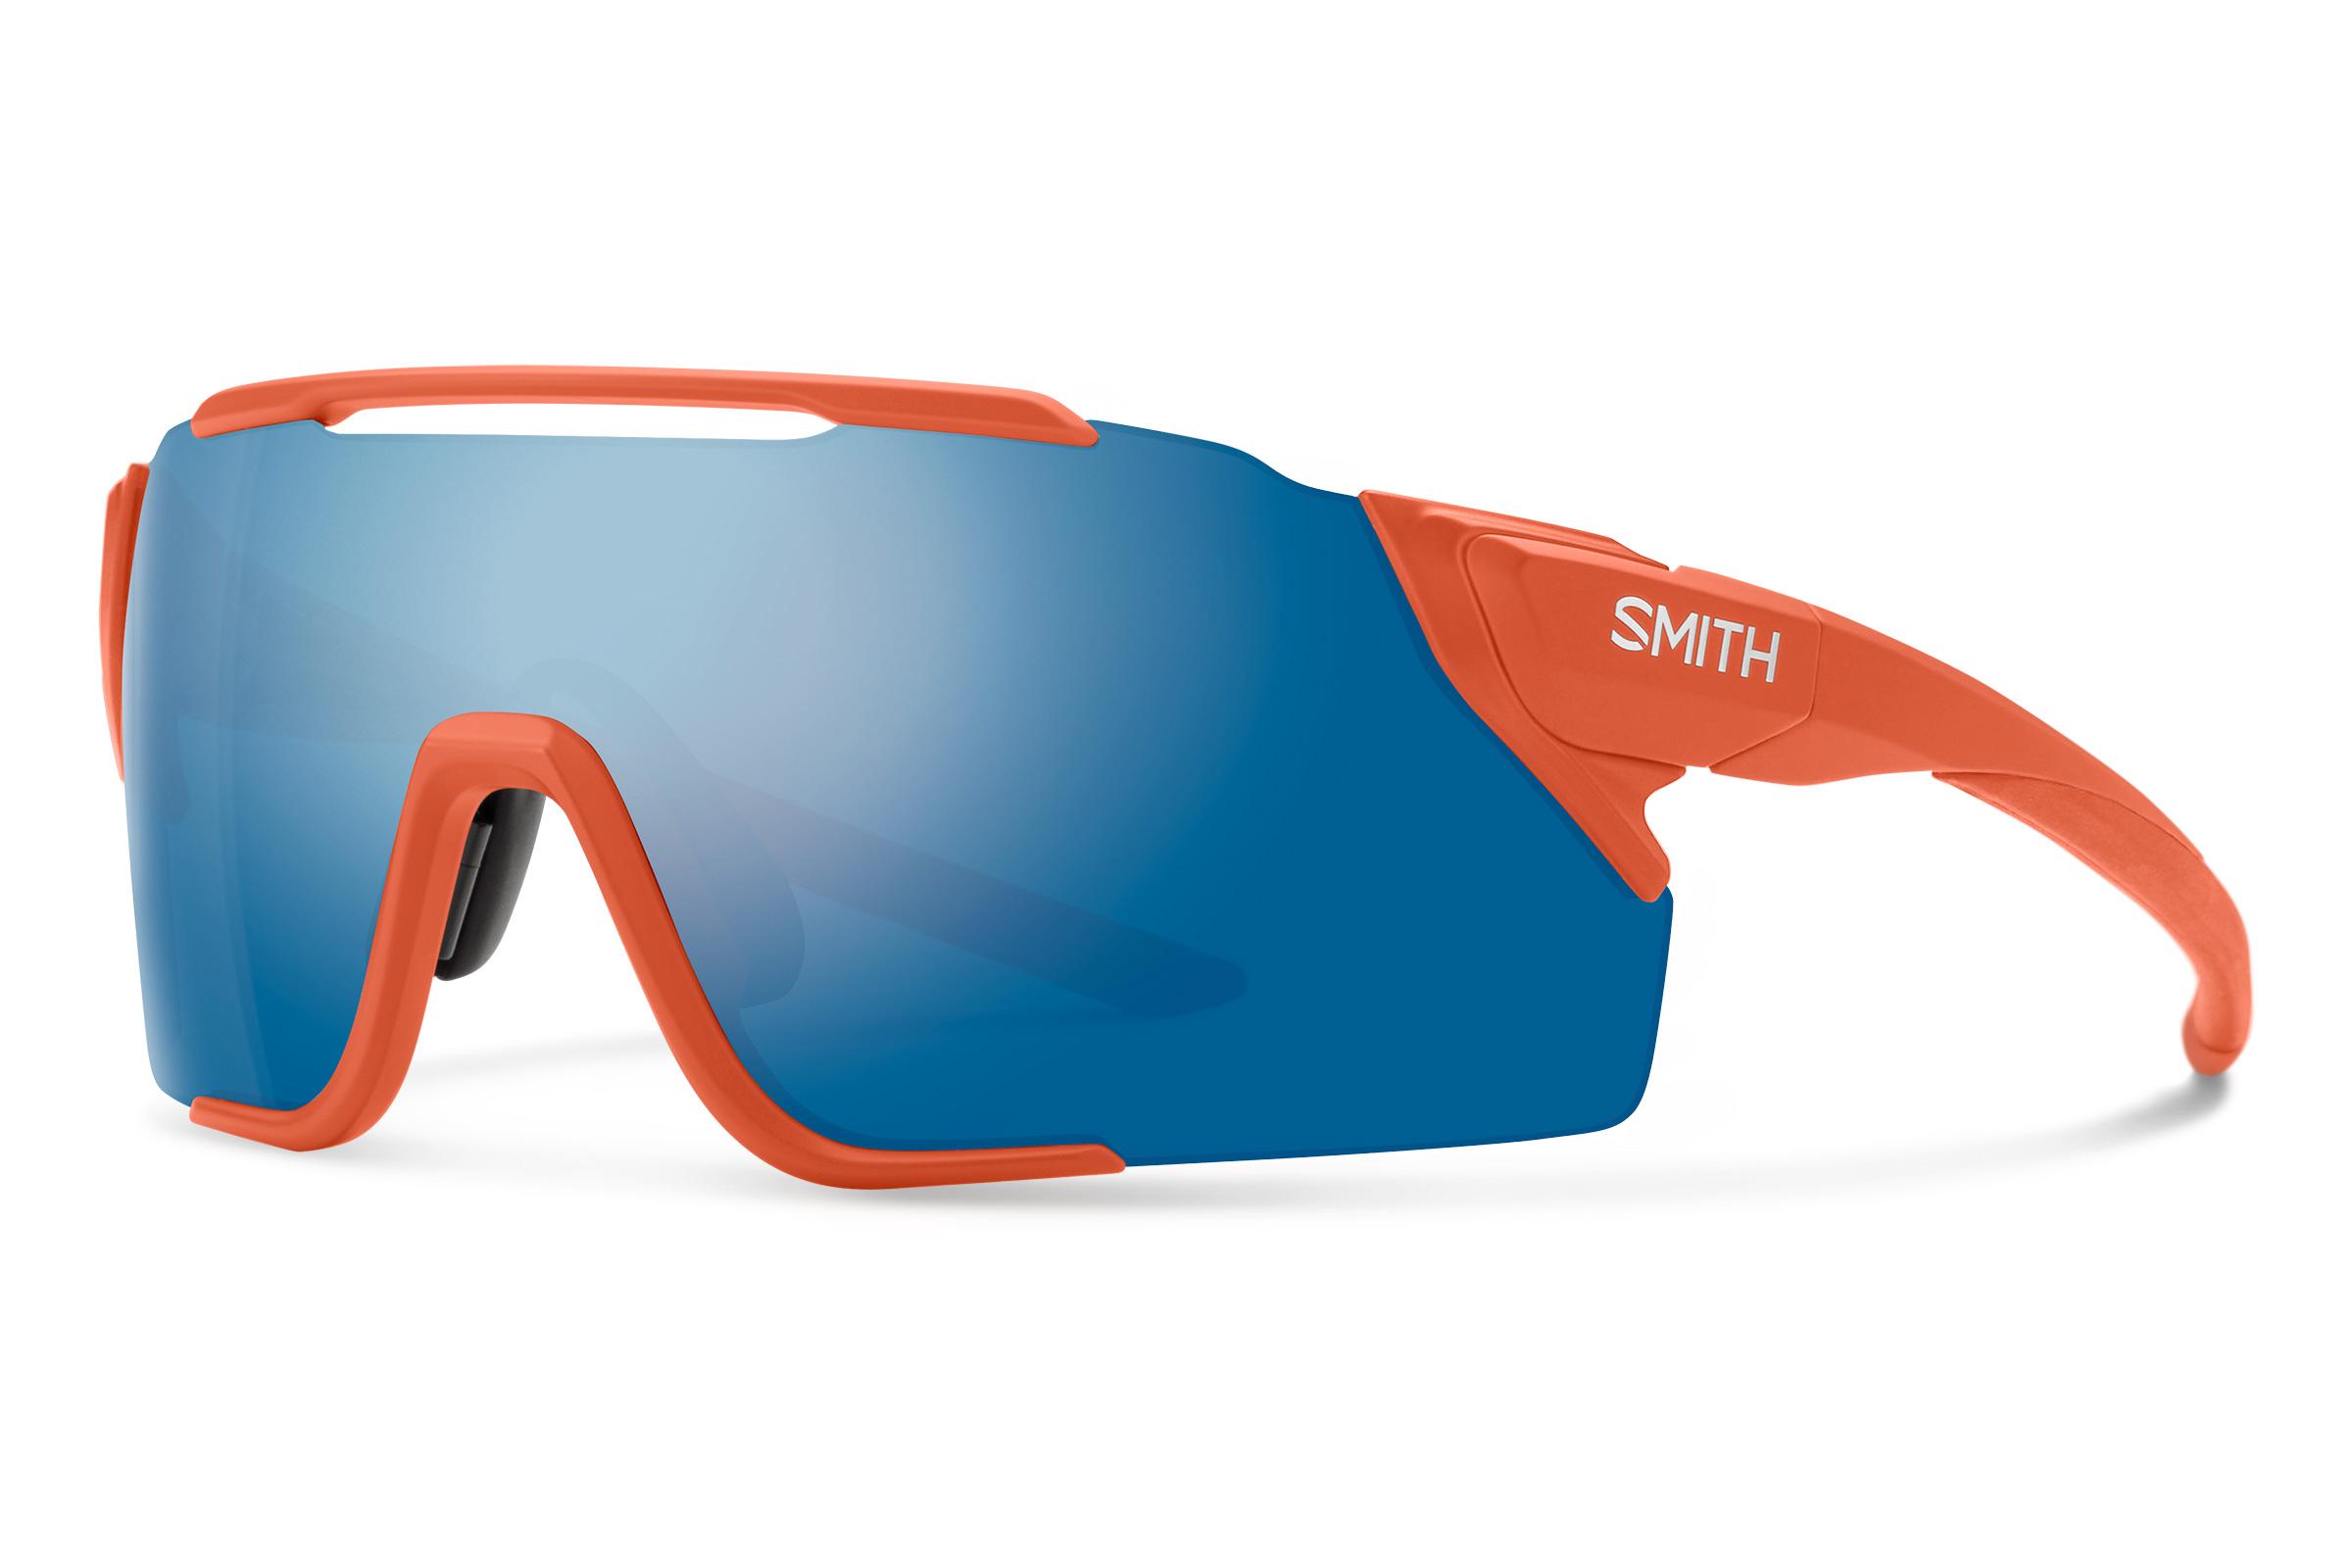 ce02c746a404a Smith releases Attack MTB sunglasses